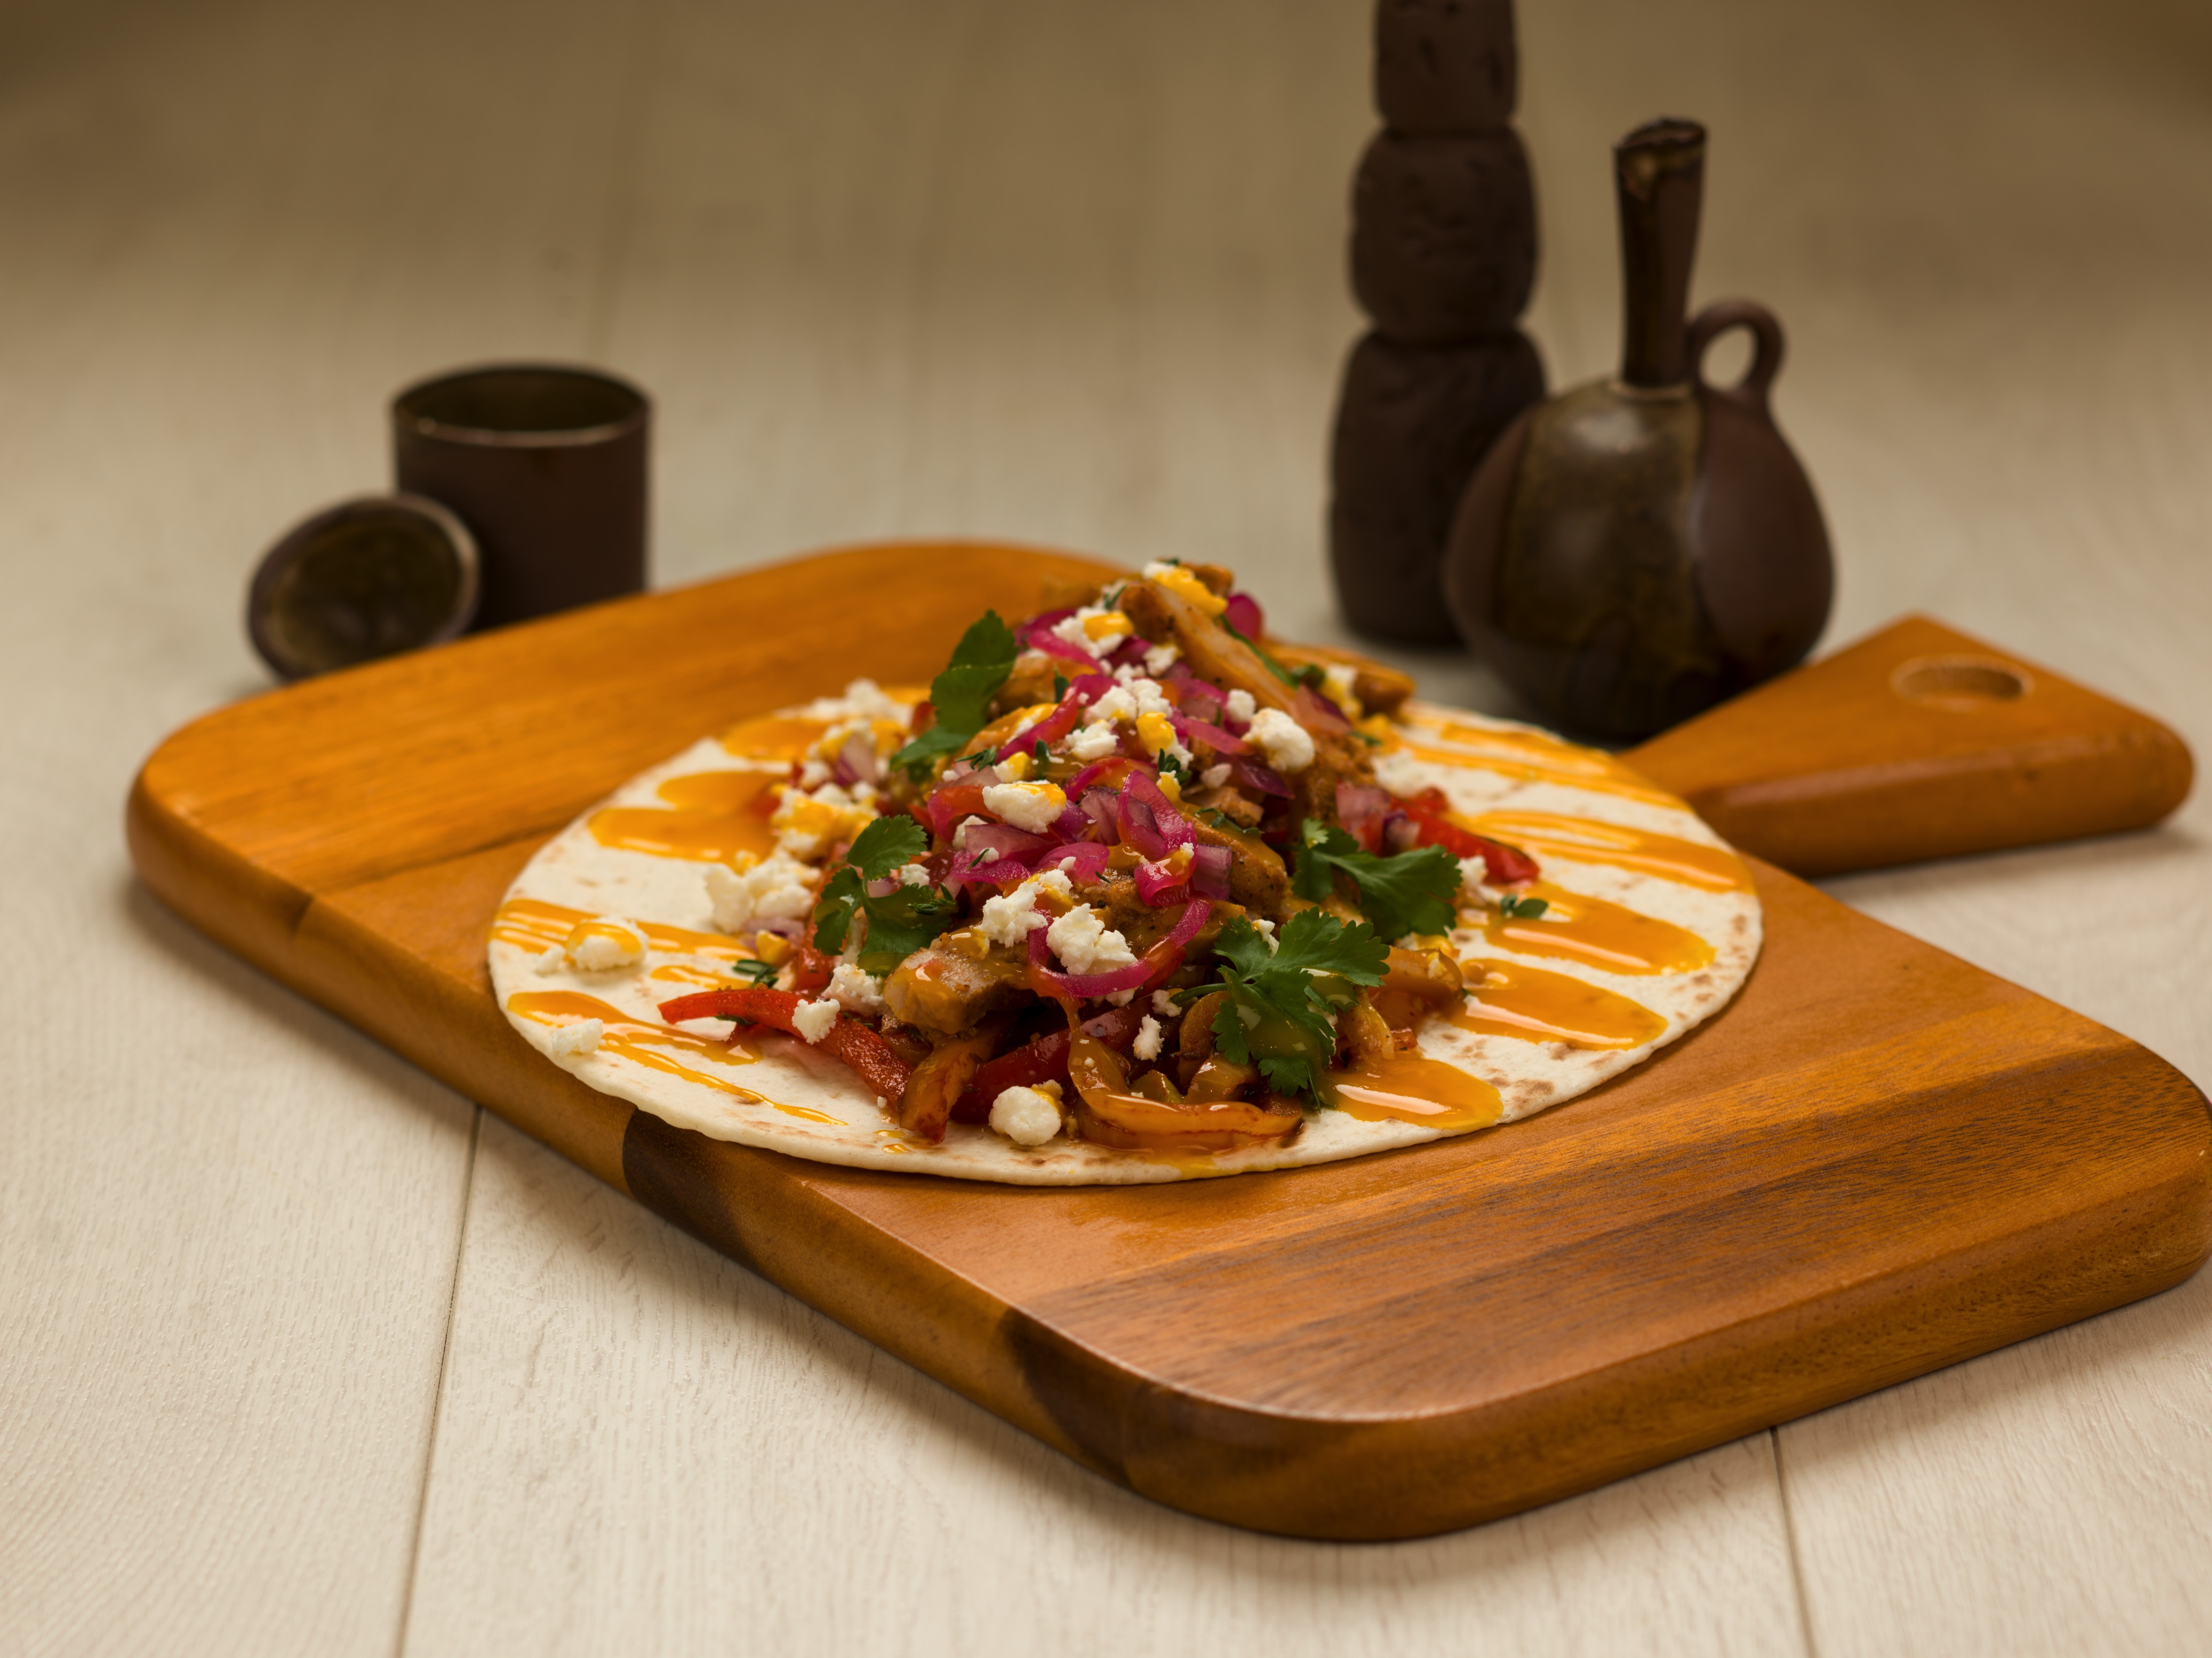 Mexican Fajita Chicken Wrap